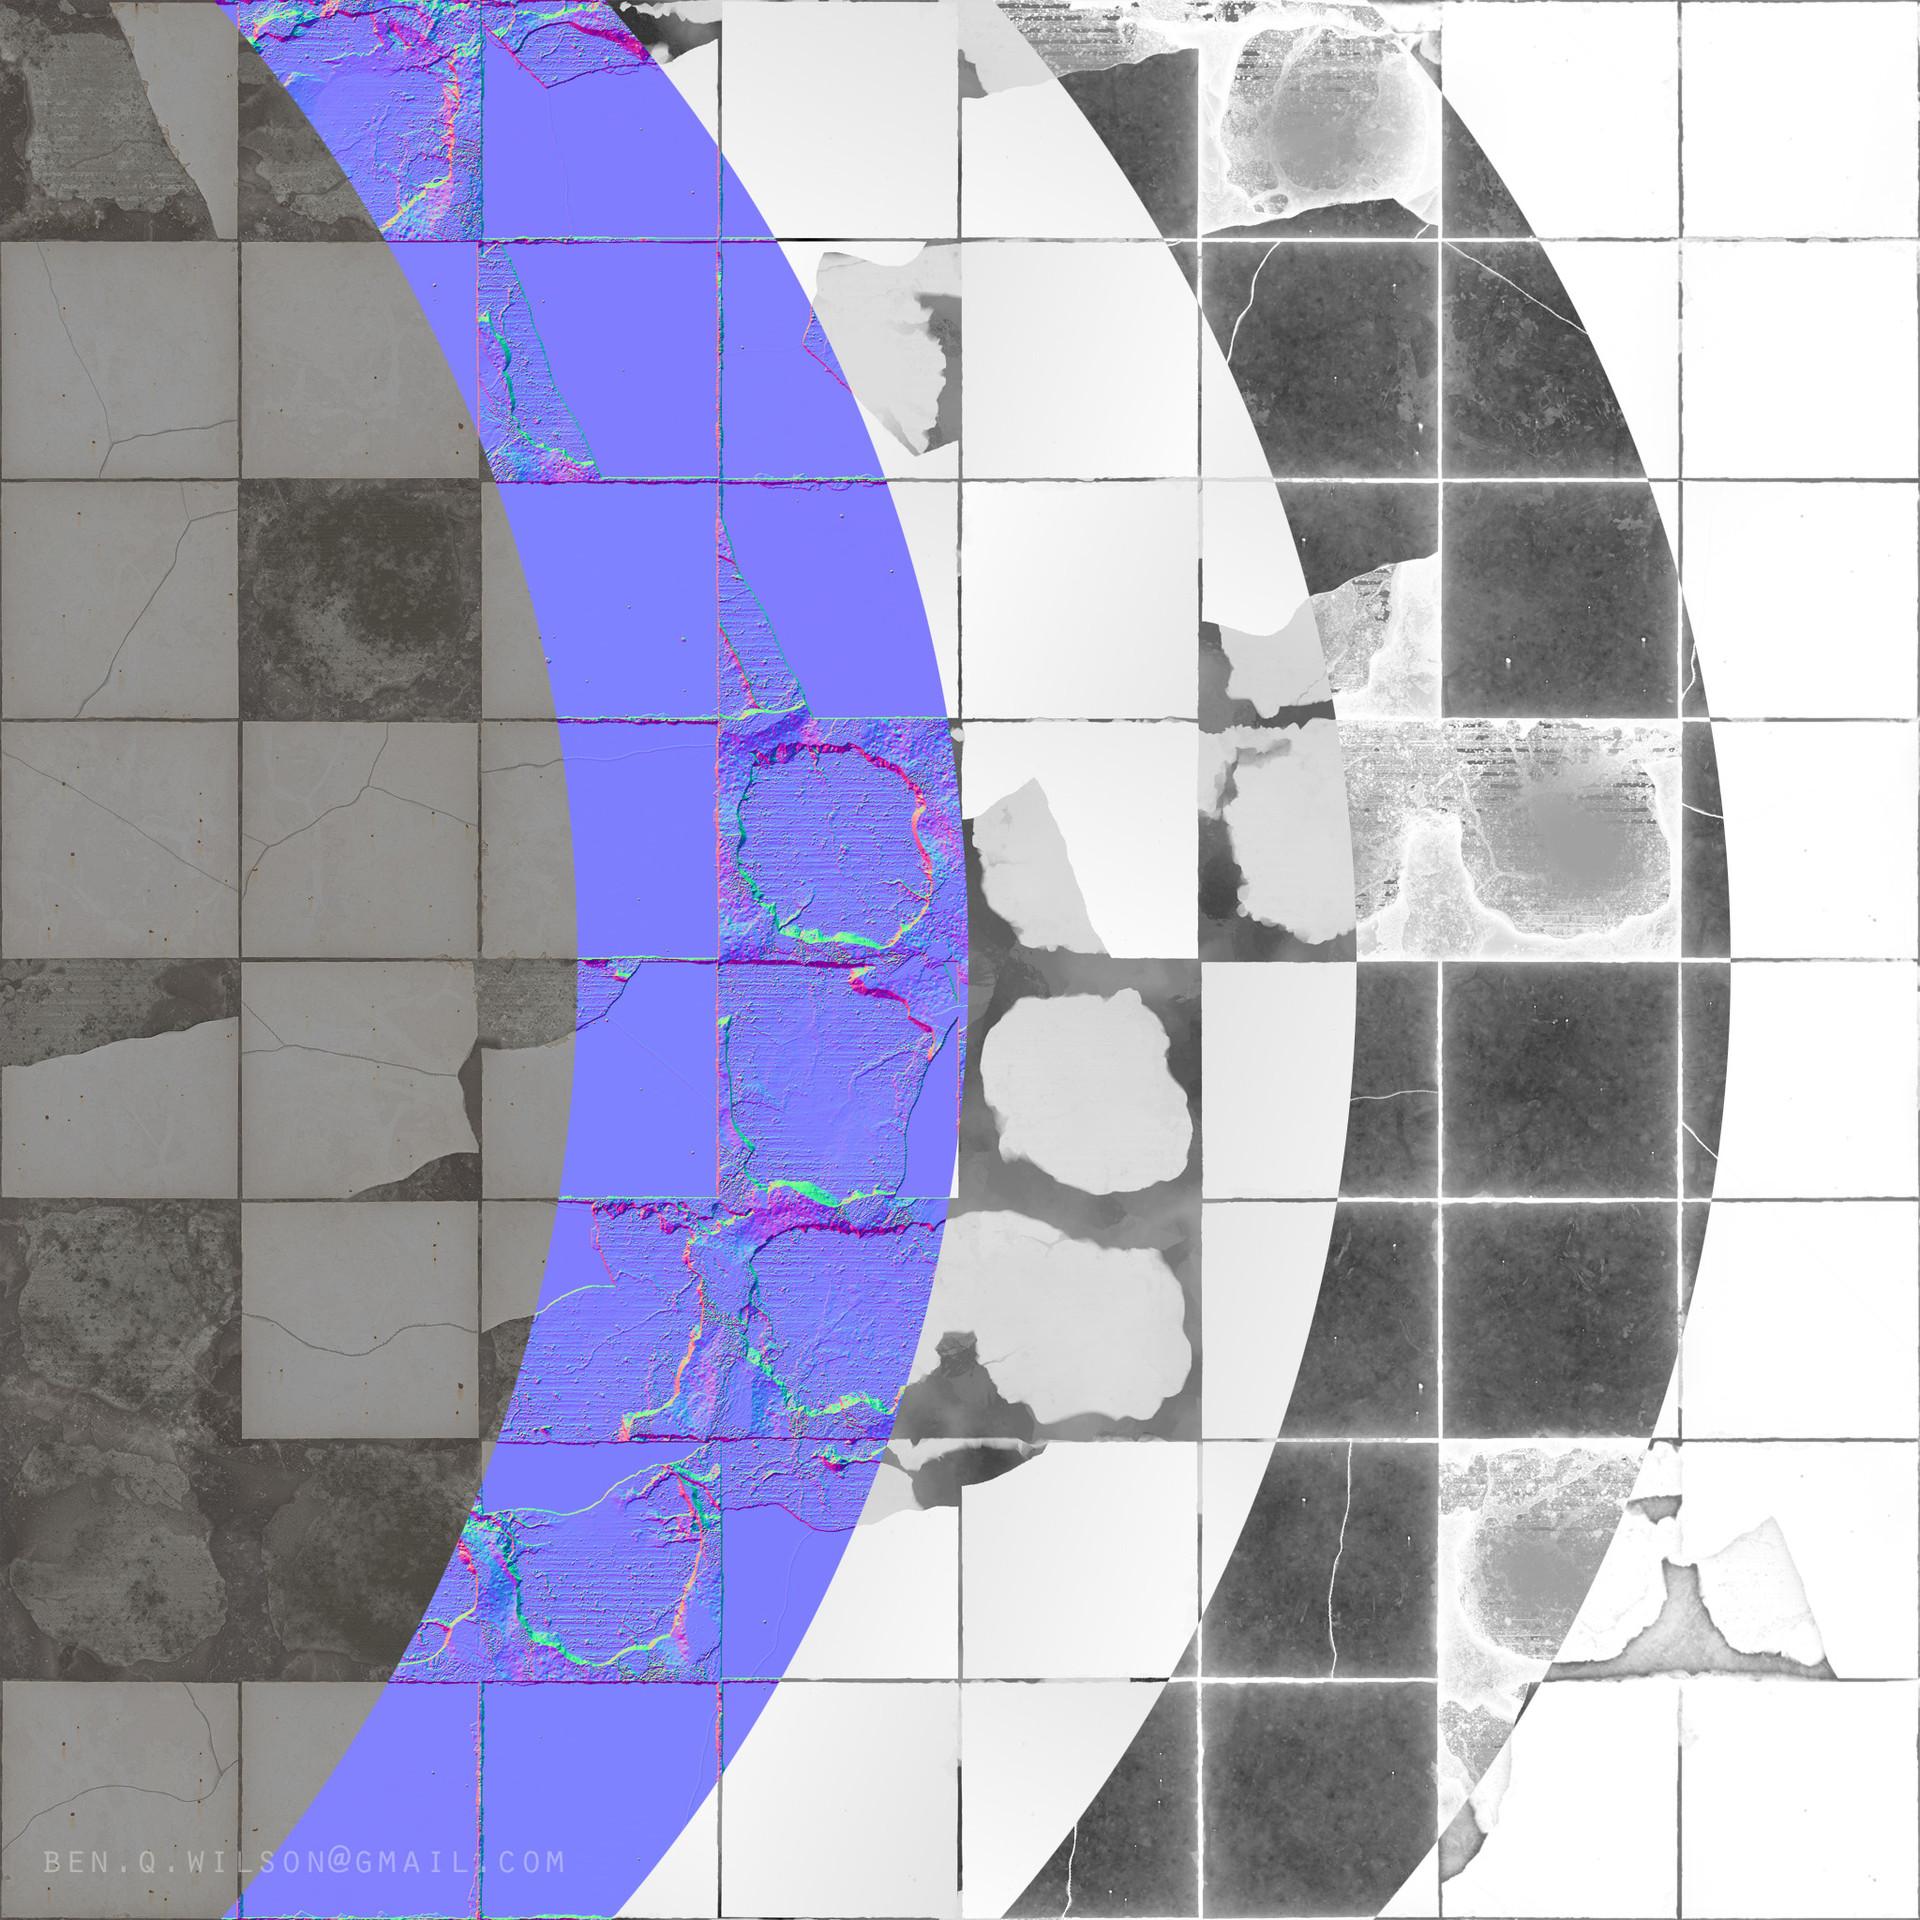 Ben wilson broken tiles a render 3